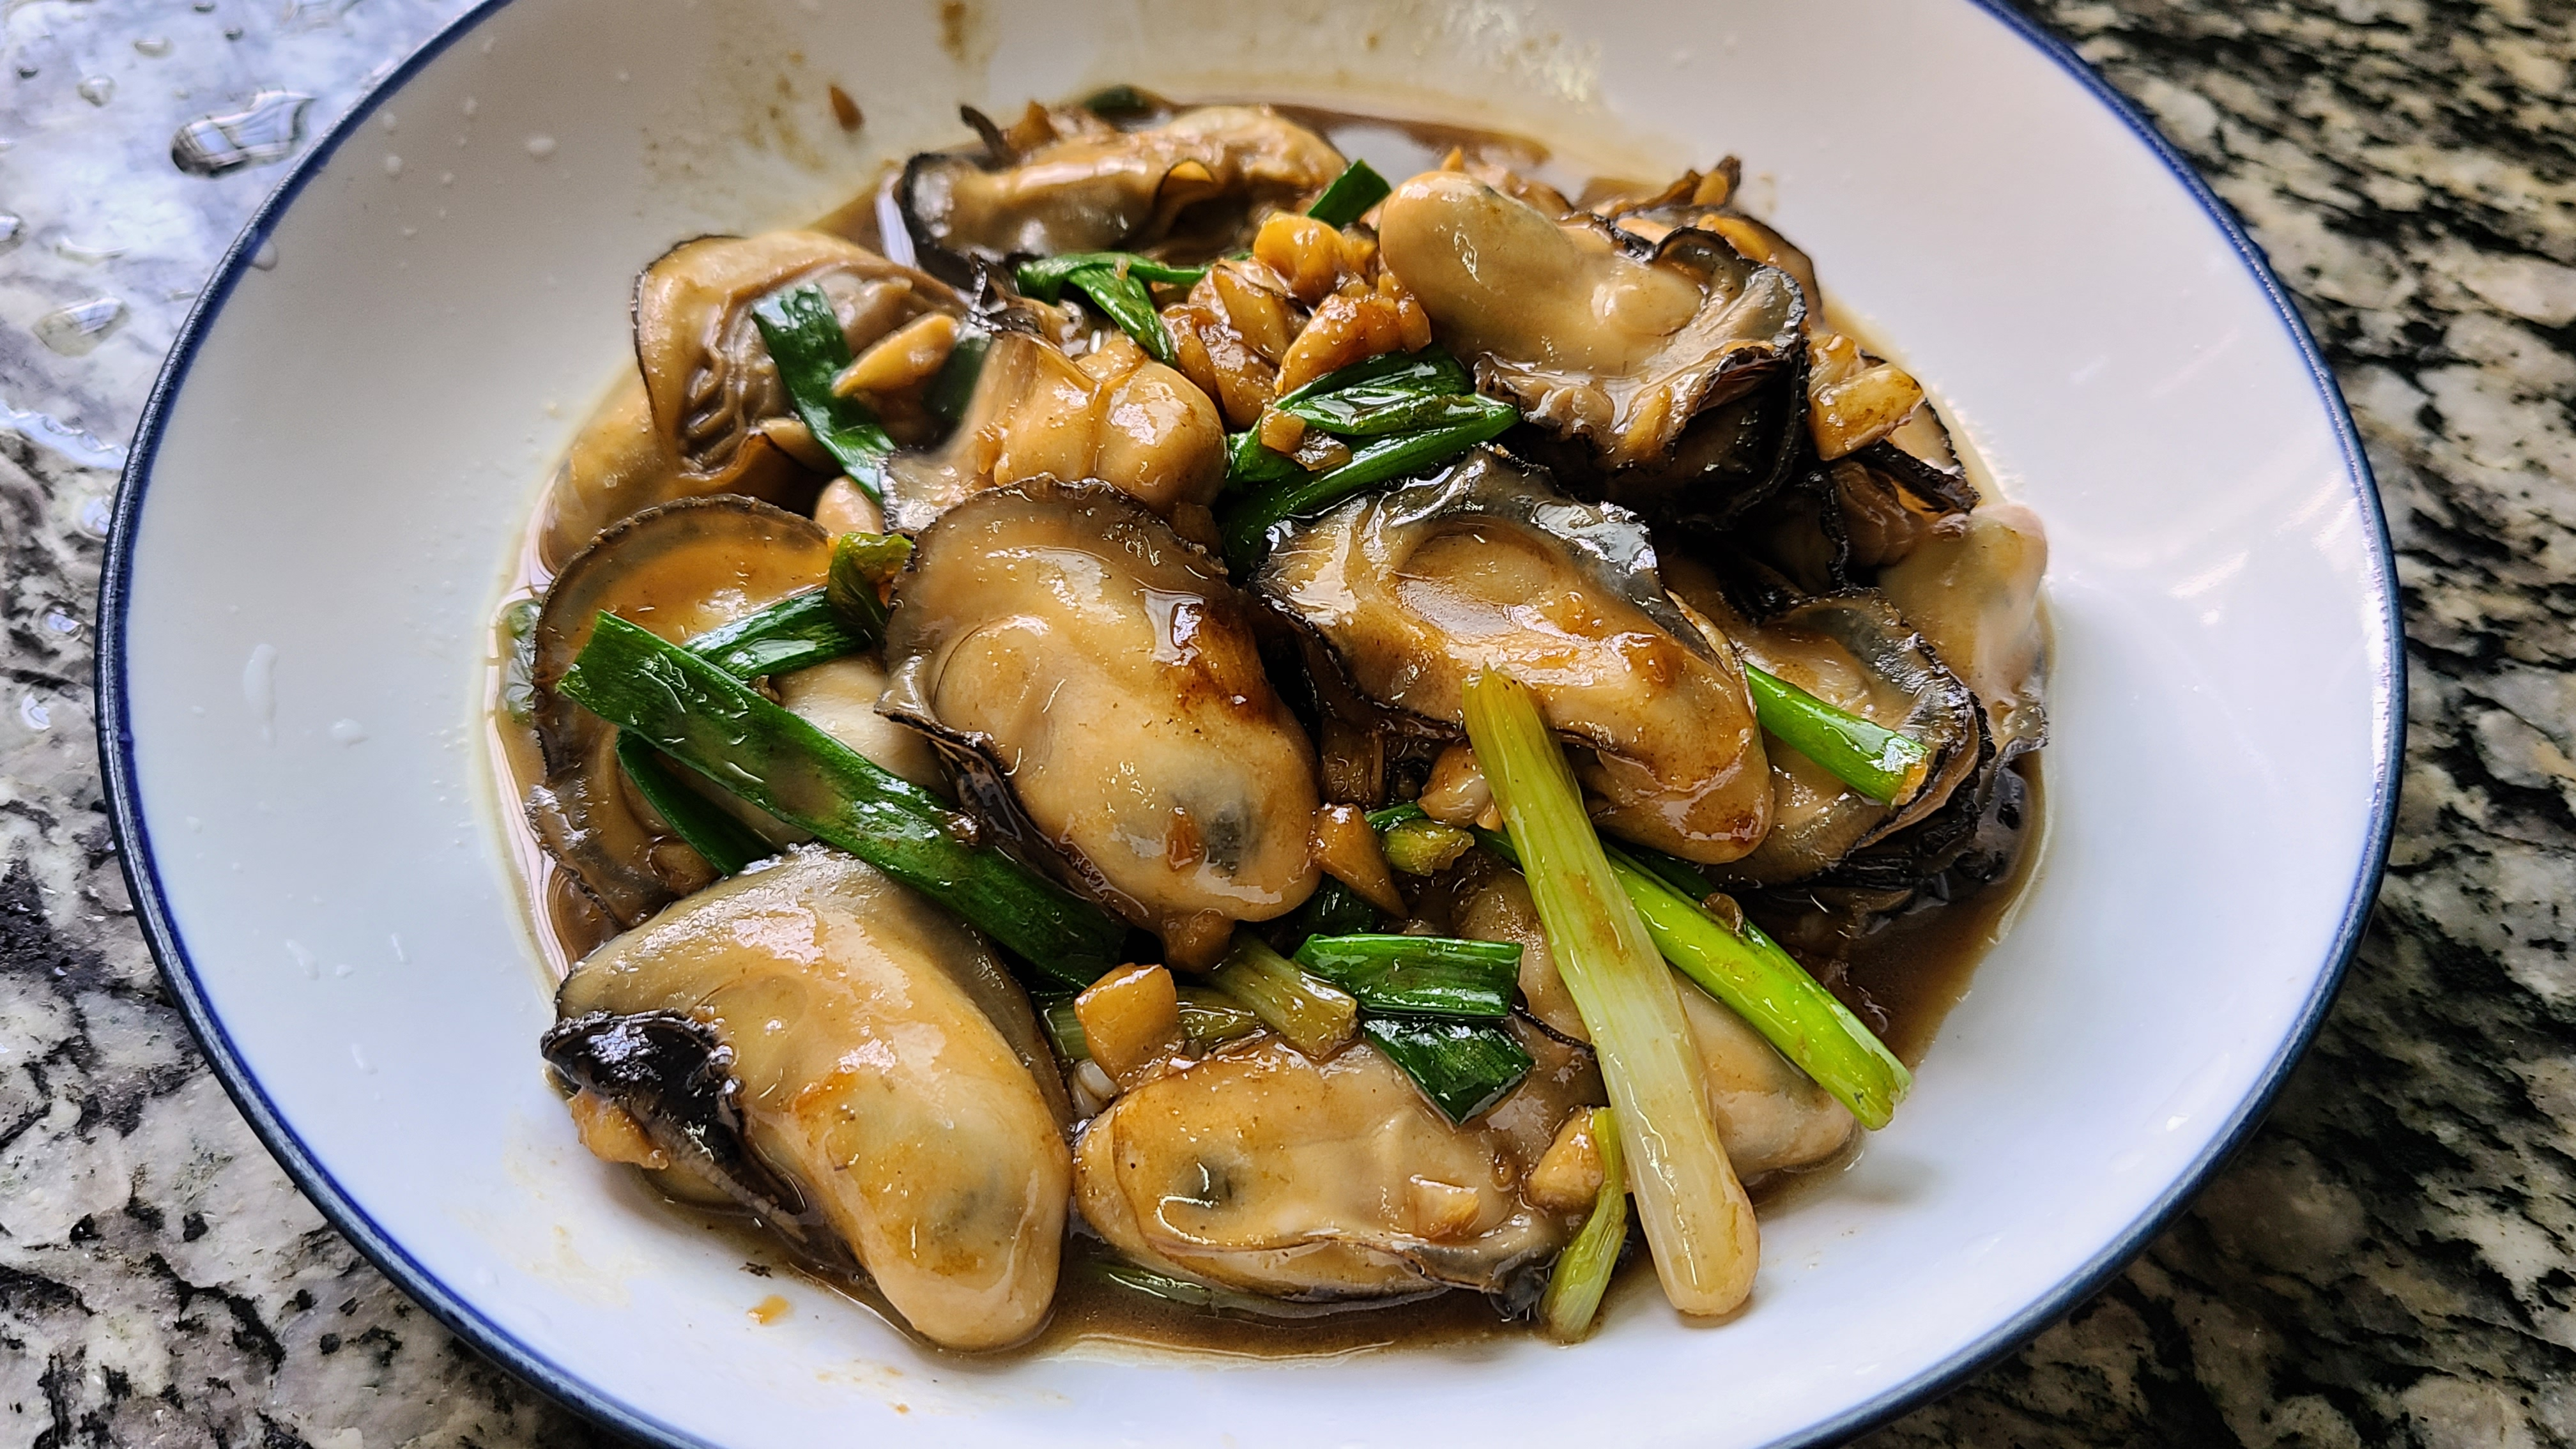 广式炒生蚝原来这么好吃,家常做法味道鲜美,看着就馋了 美食做法 第2张